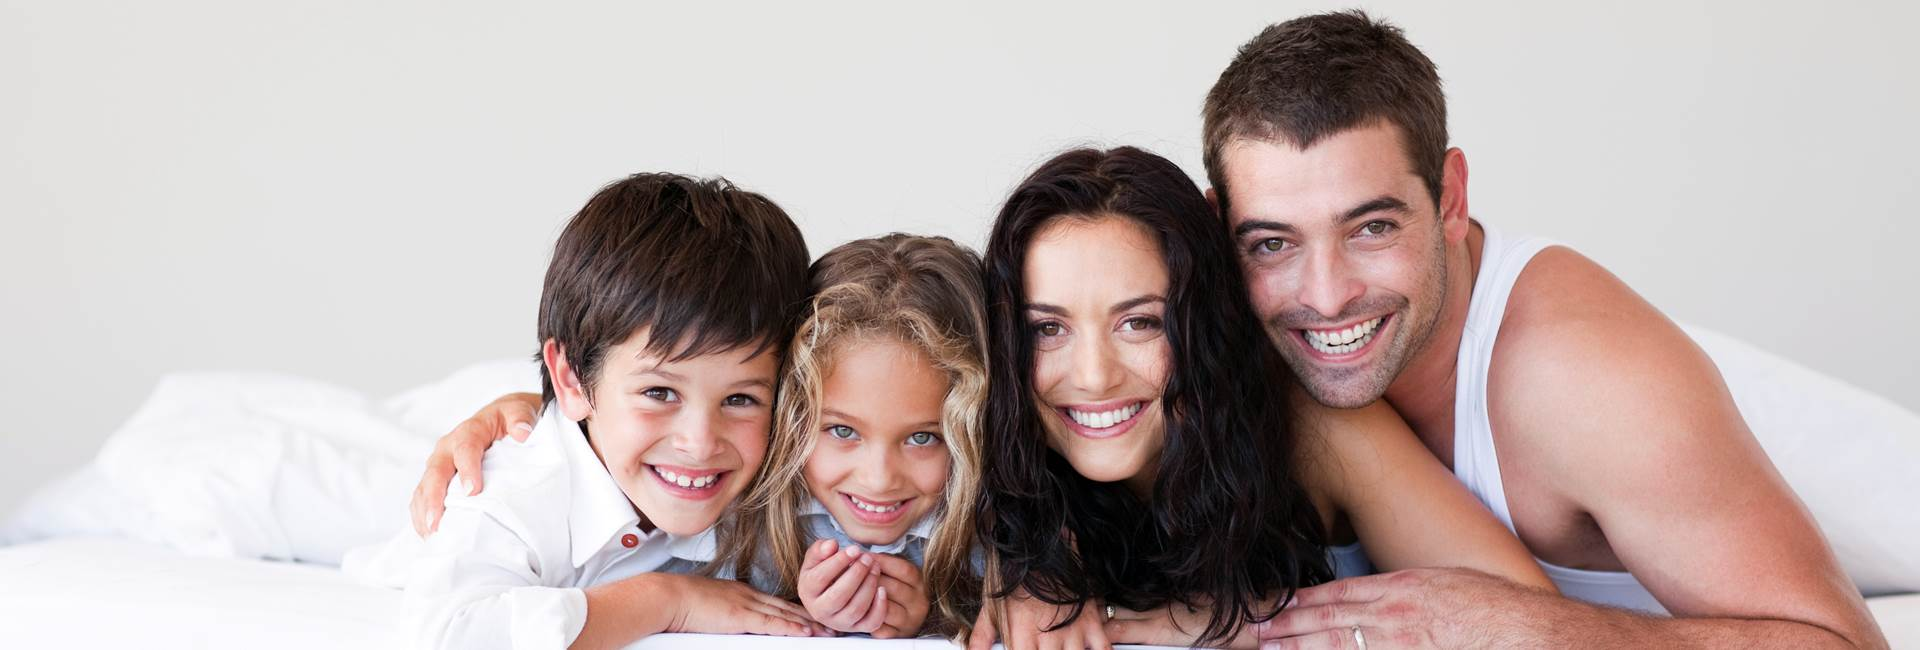 Praxis für Zahnheilkunde Dr. med. dent. Melanie Kleyer